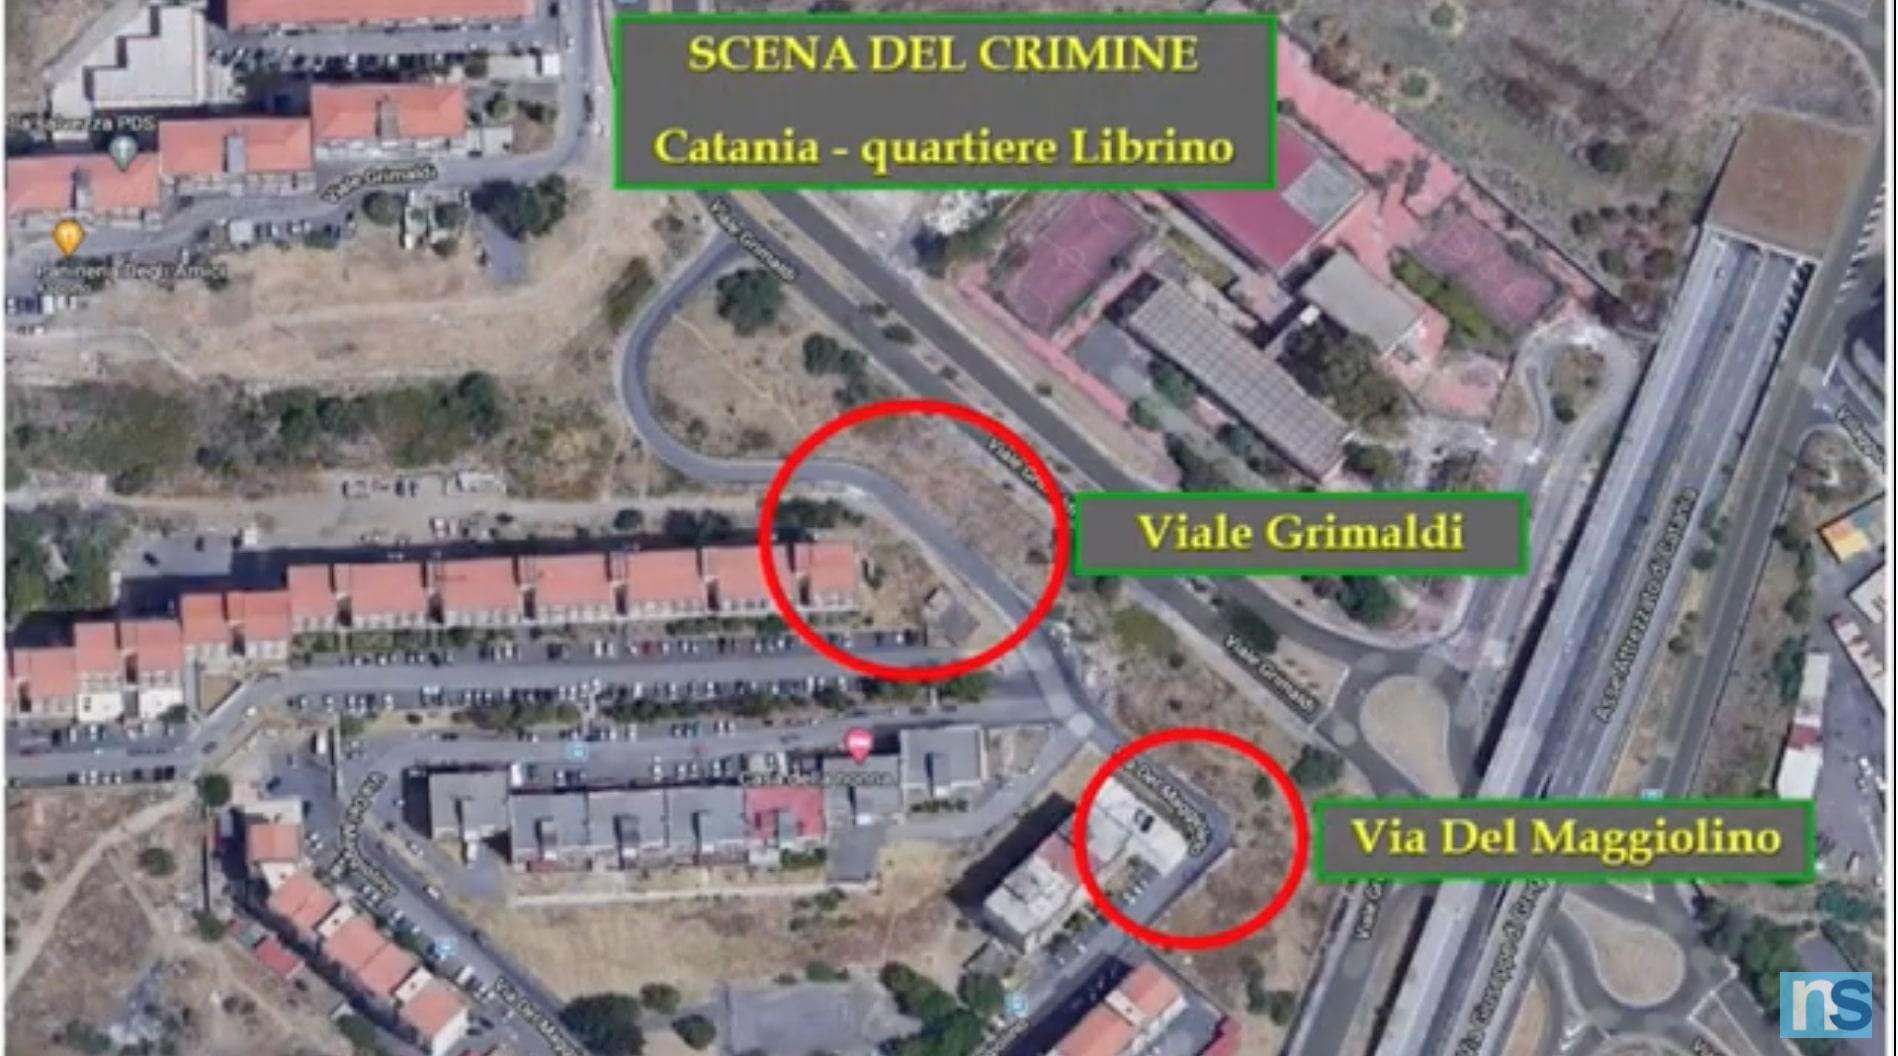 Catania, sparatoria con due morti e diversi feriti: Cursoti Milanesi VS Cappello, 14 arresti – FOTO e VIDEO